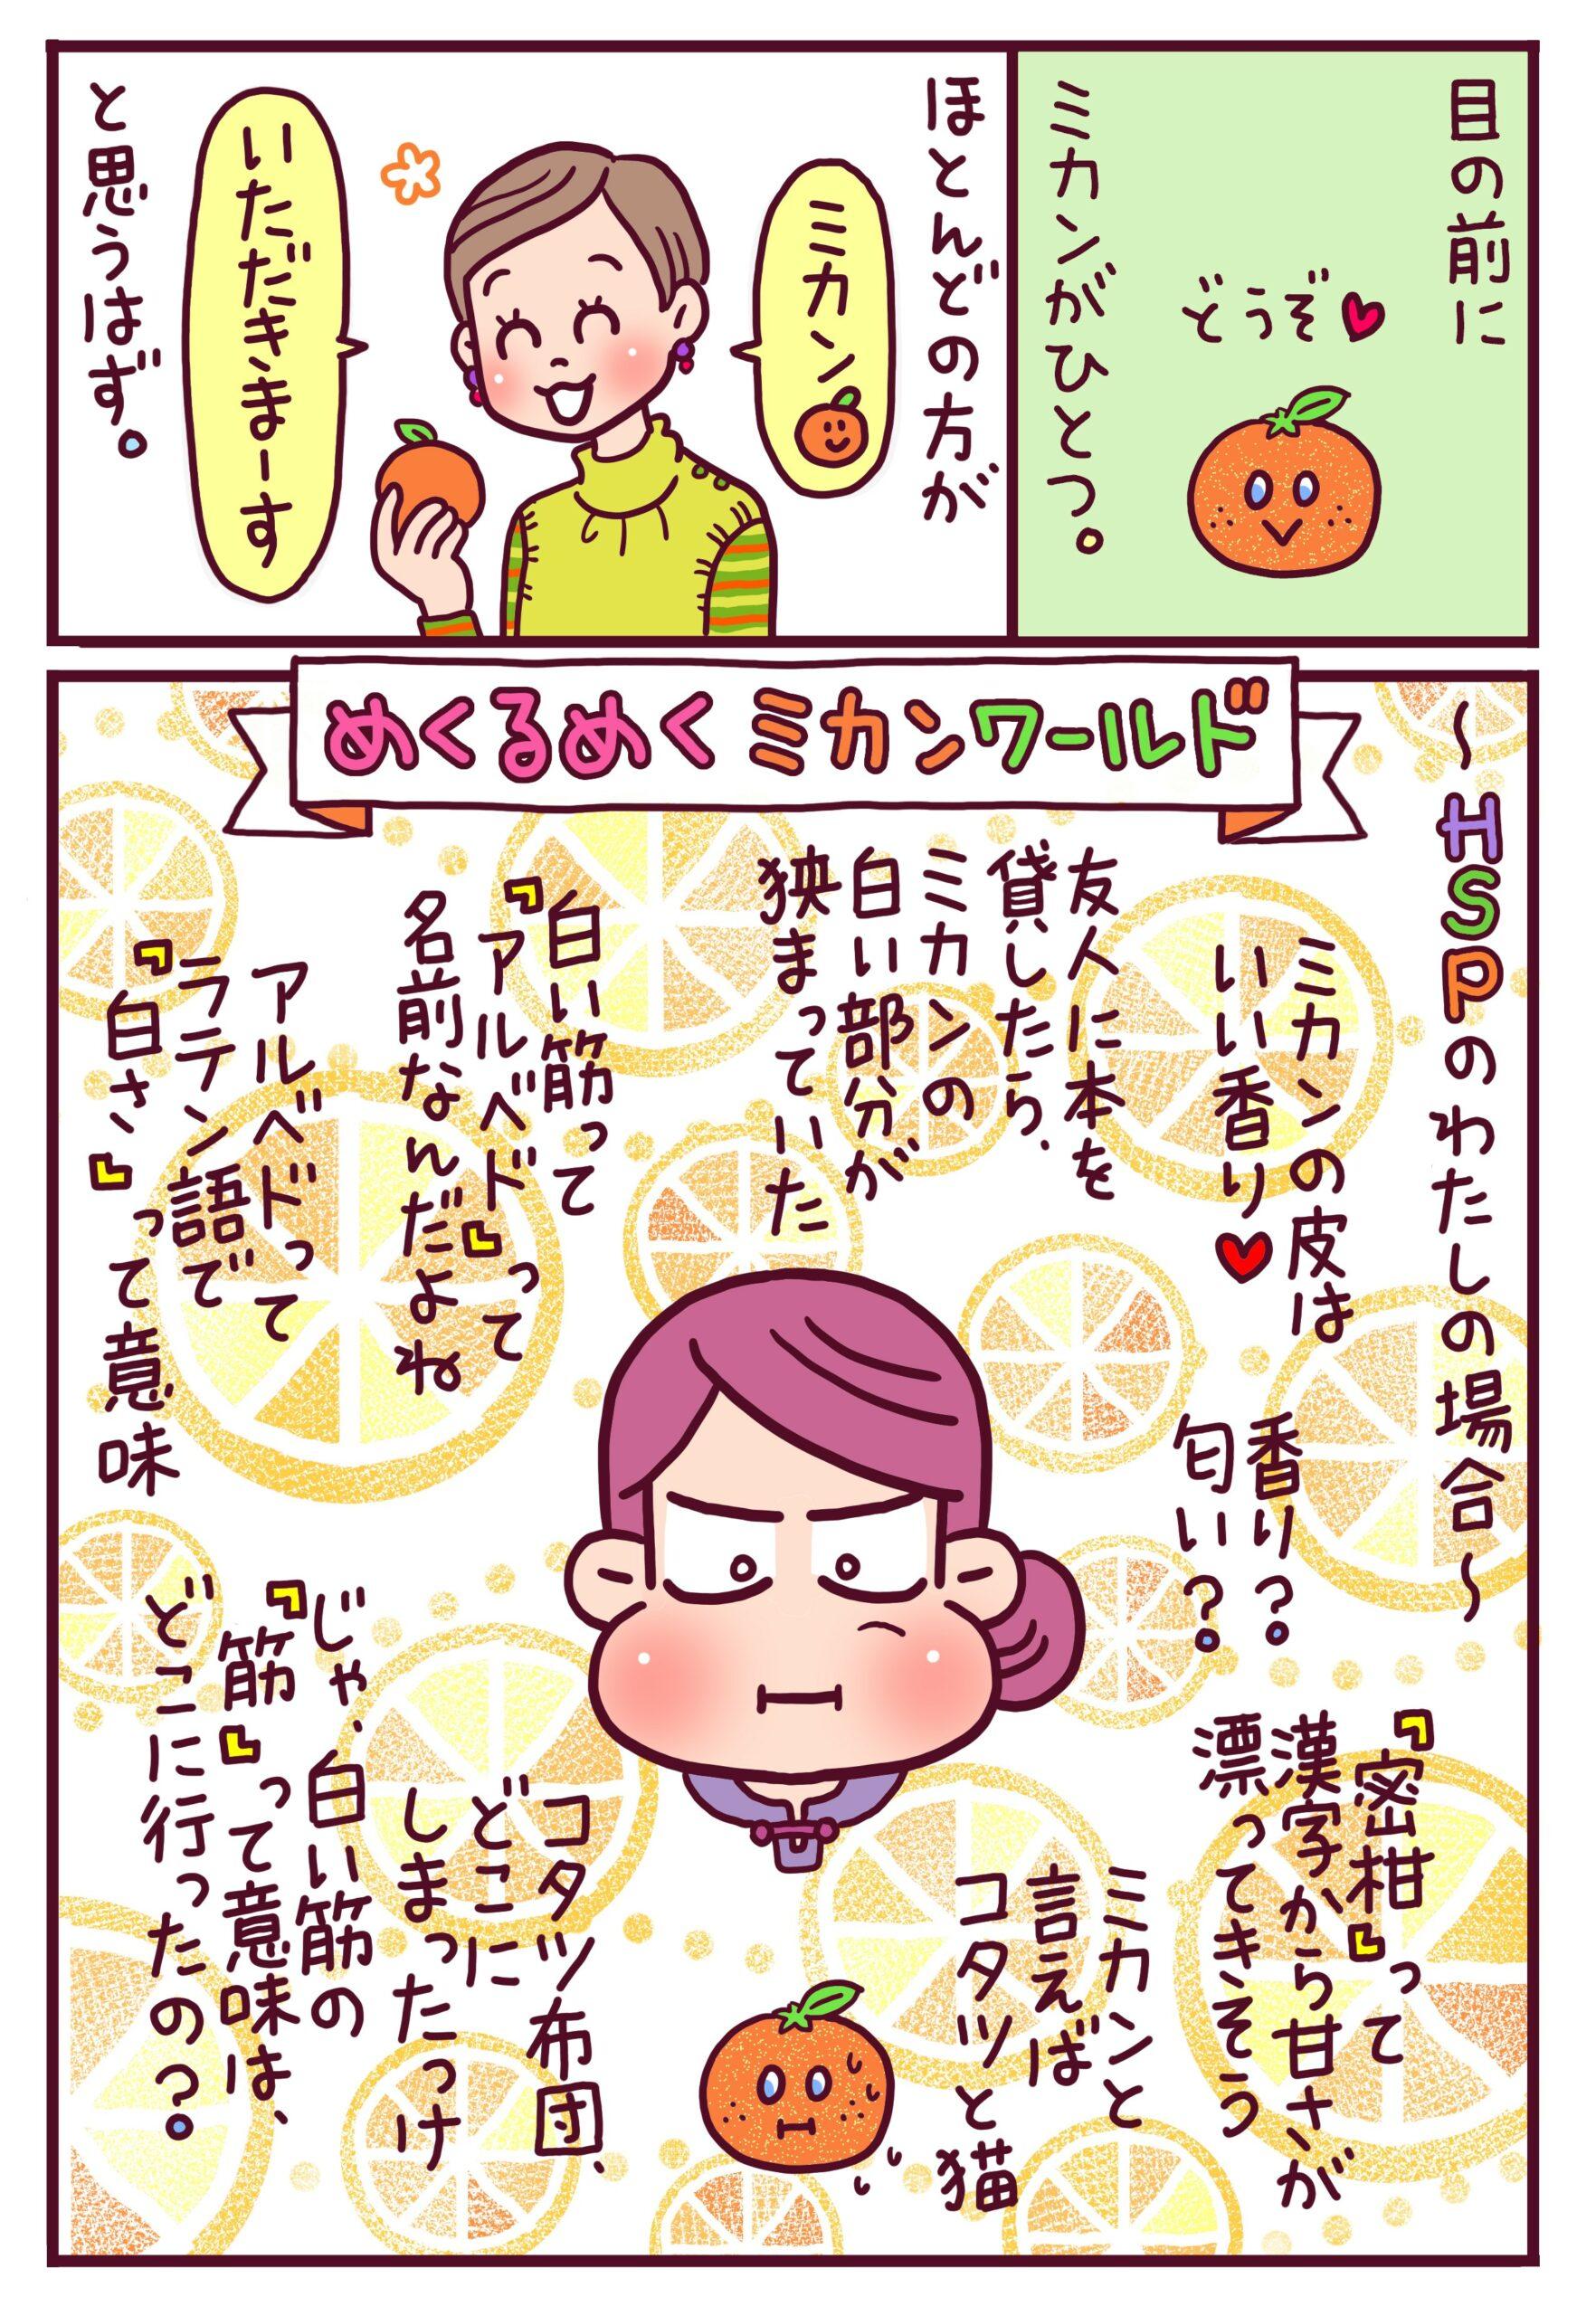 【制作中の新刊公開!】目の前にミカンがあると、HSPは何を考える?(by 高野優)の画像1